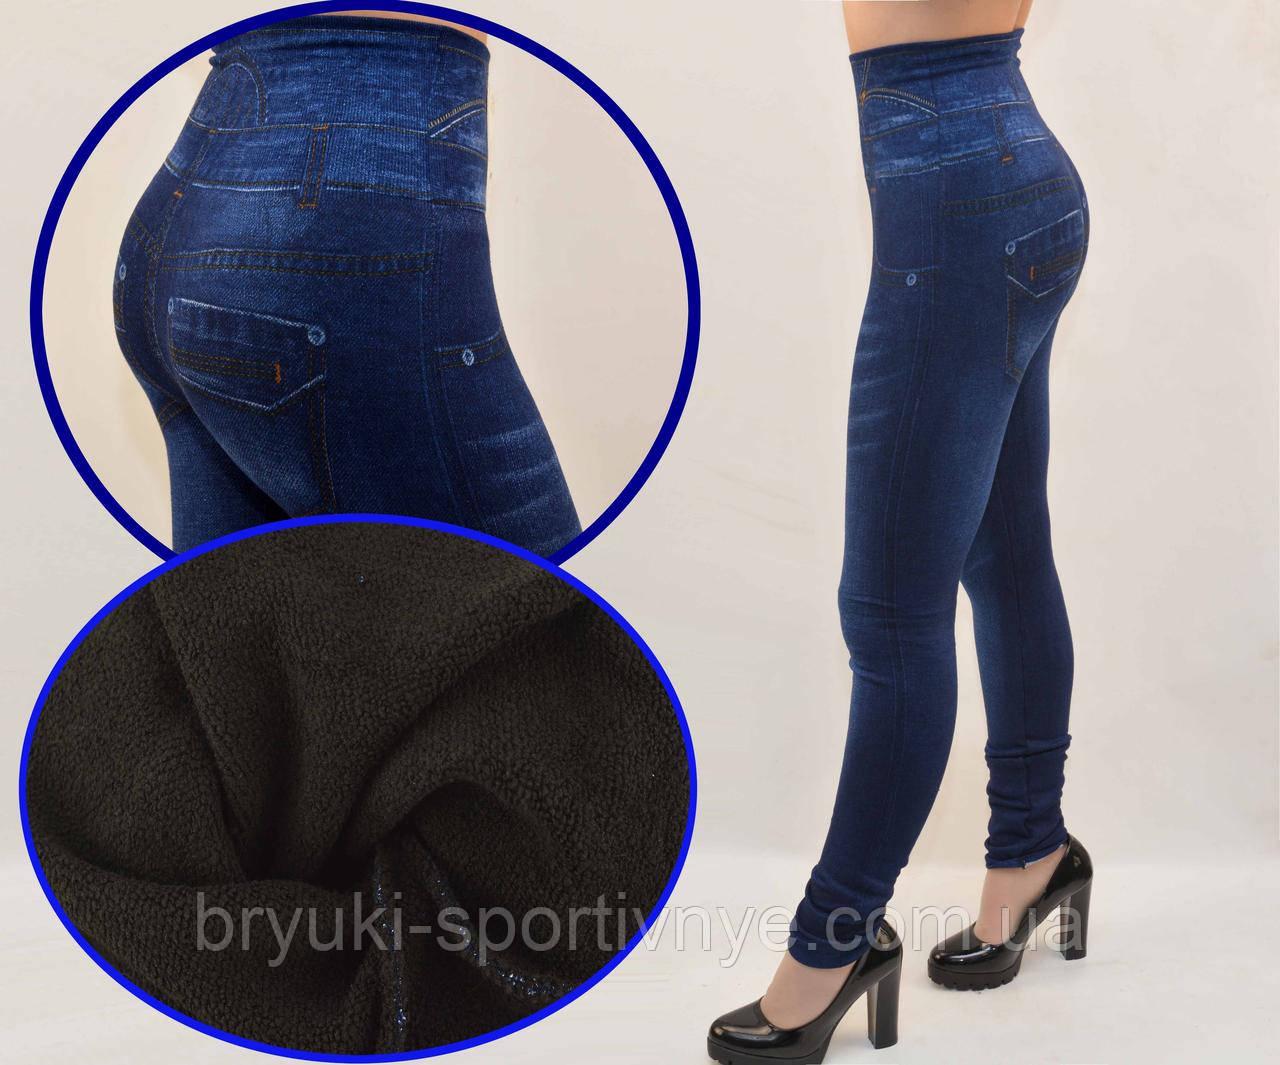 Лосины под джинс на махровой подкладке с широким поясом - завышенная талия M/L